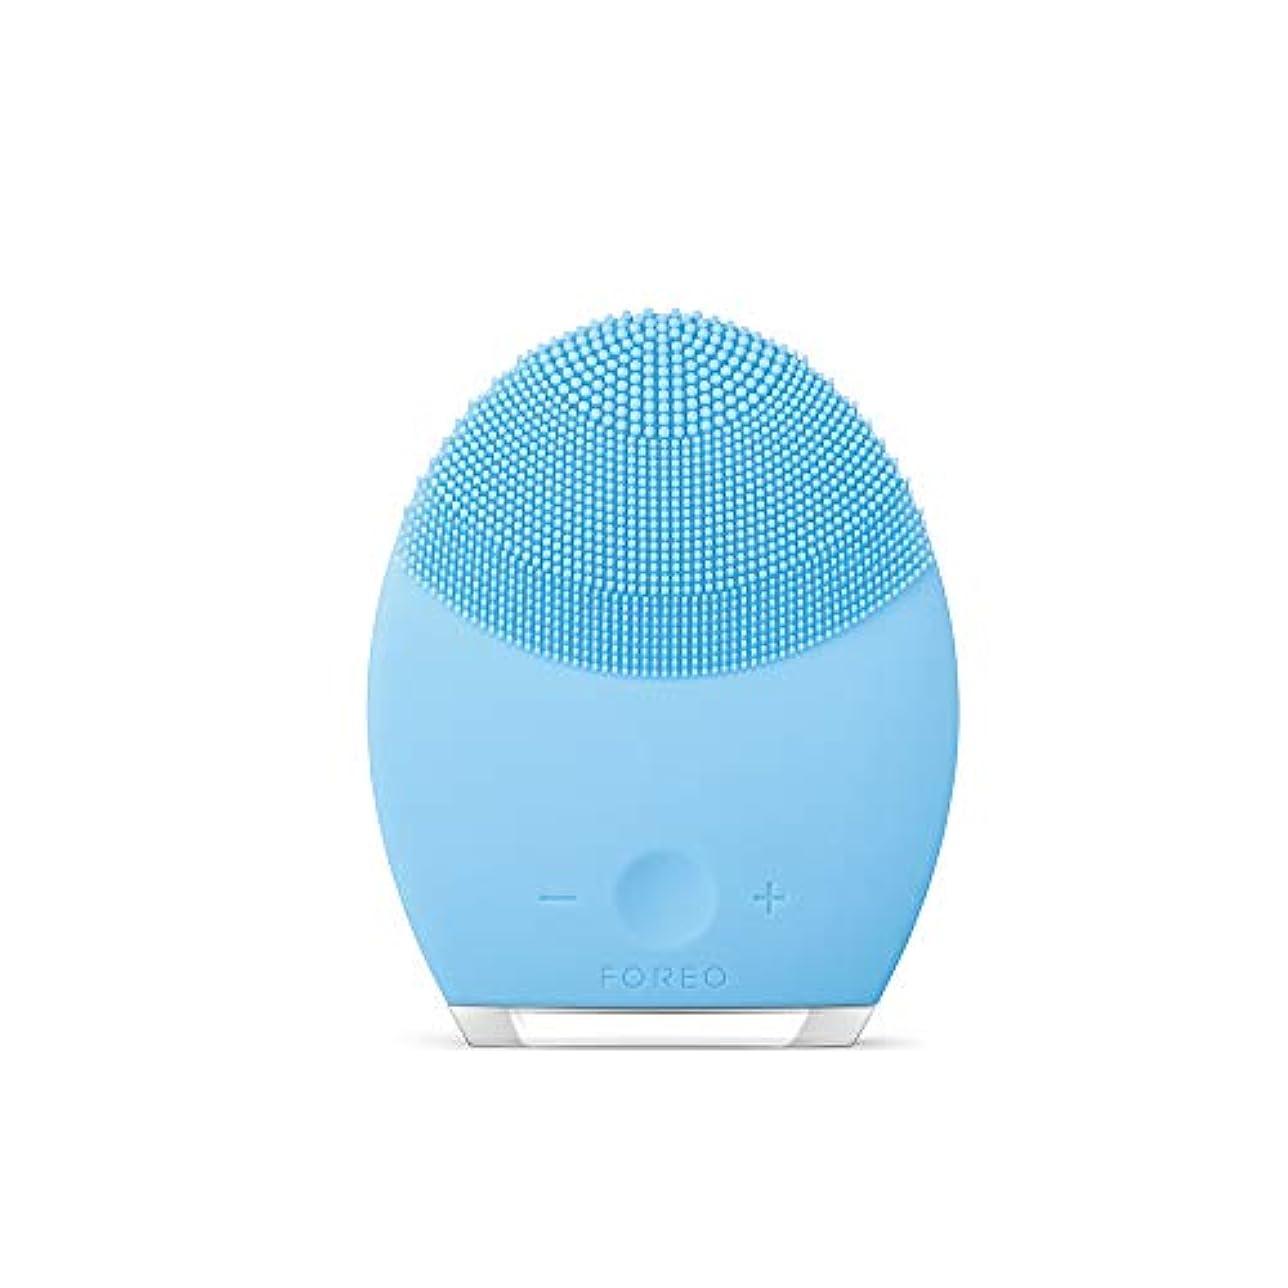 独創的同様のダウンタウンFOREO LUNA 2 for コンビネーションスキン 電動洗顔ブラシ シリコーン製 音波振動 エイジングケア※